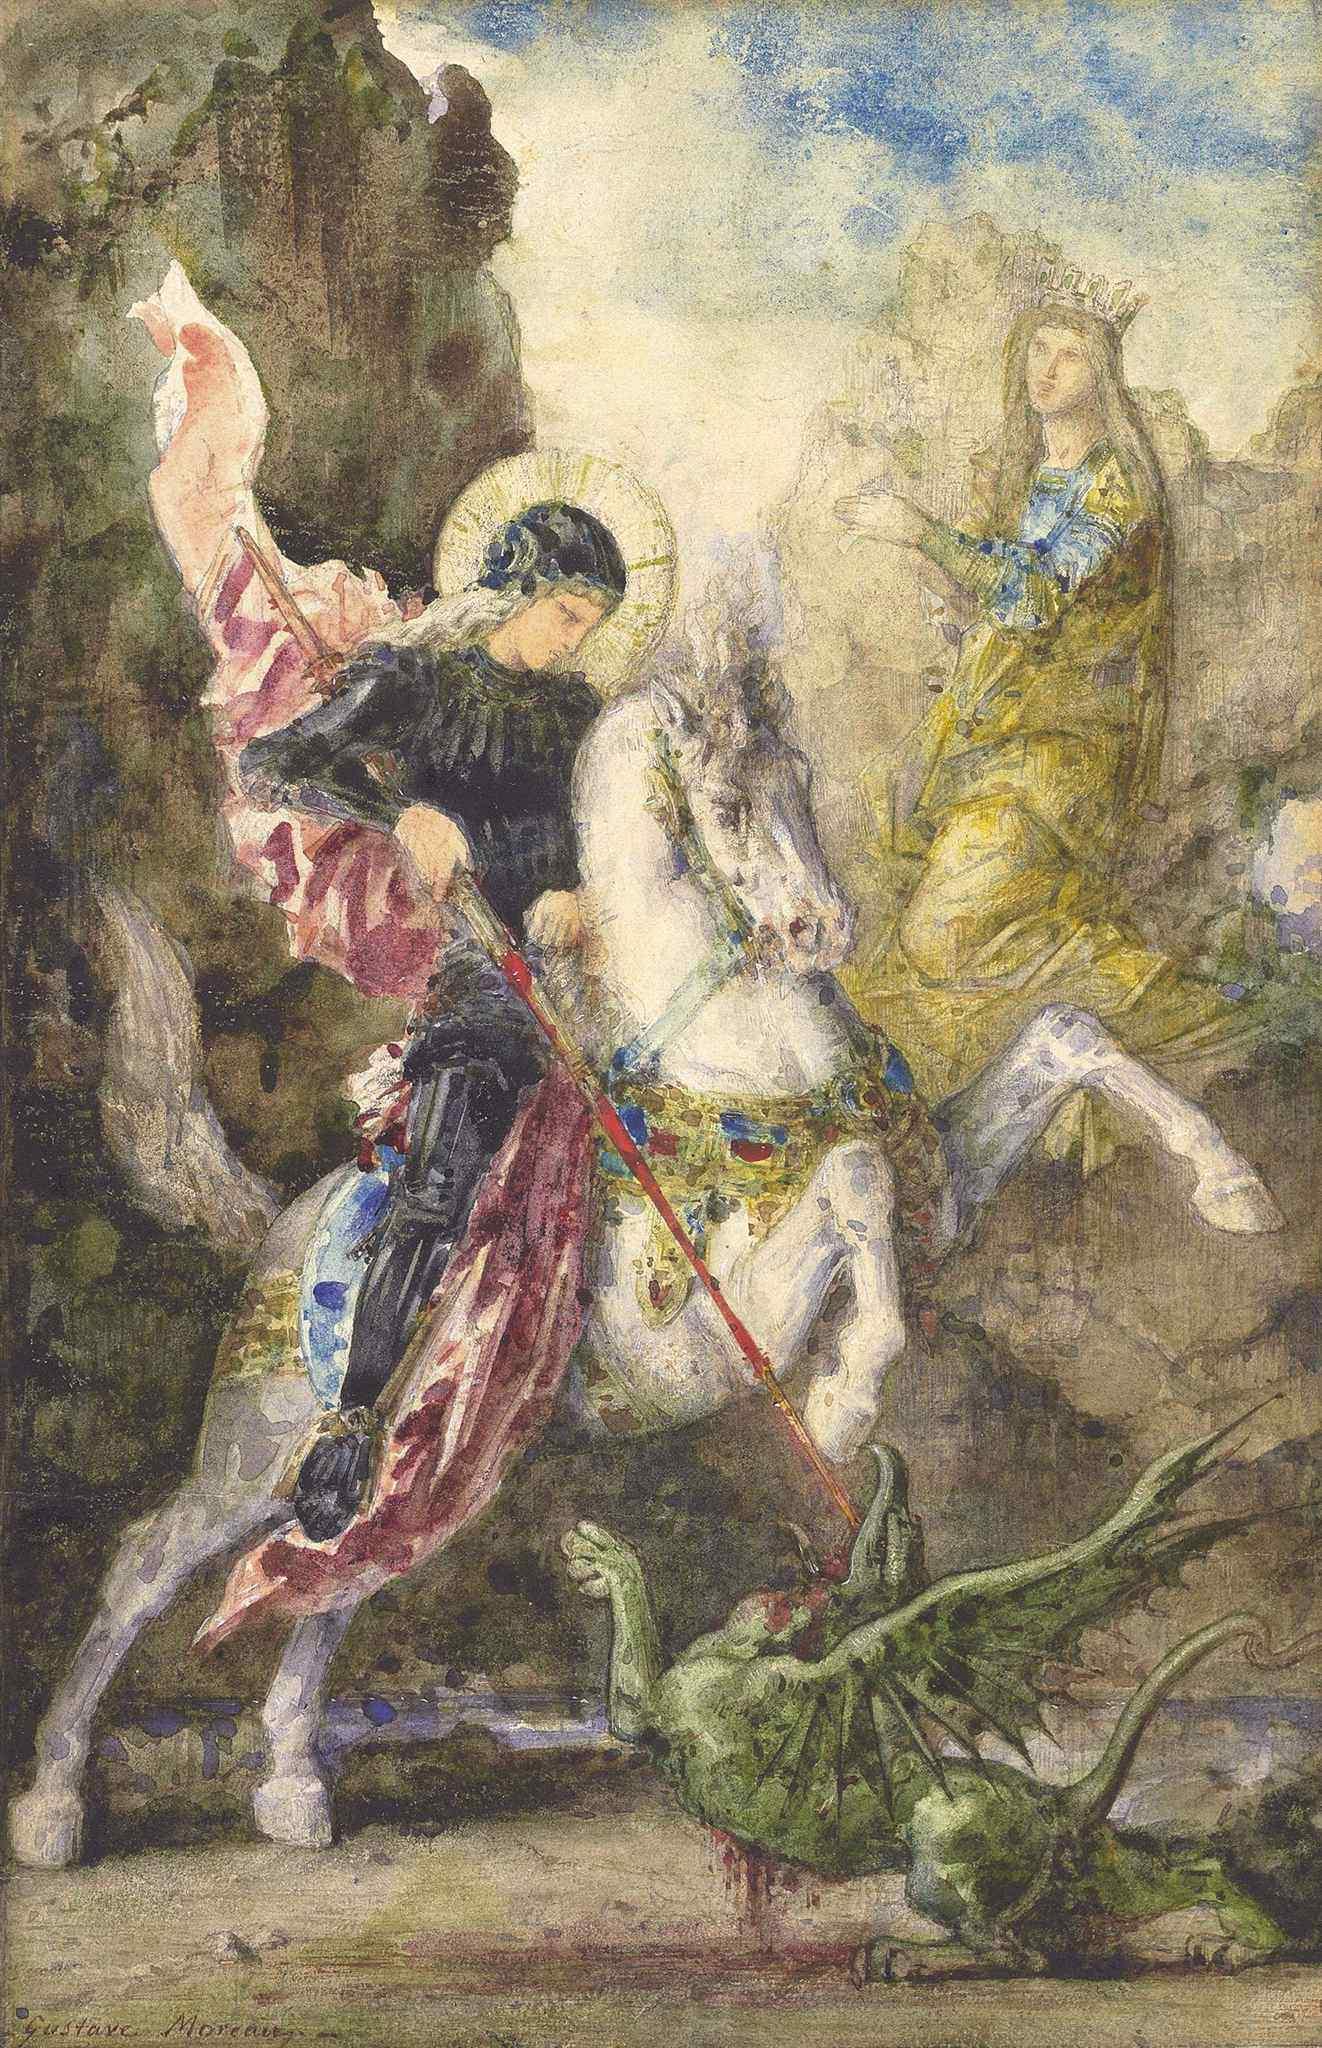 1869 (ок)_Святой Георгий и дракон (28.5 х 18.9 см) (частное собрание)